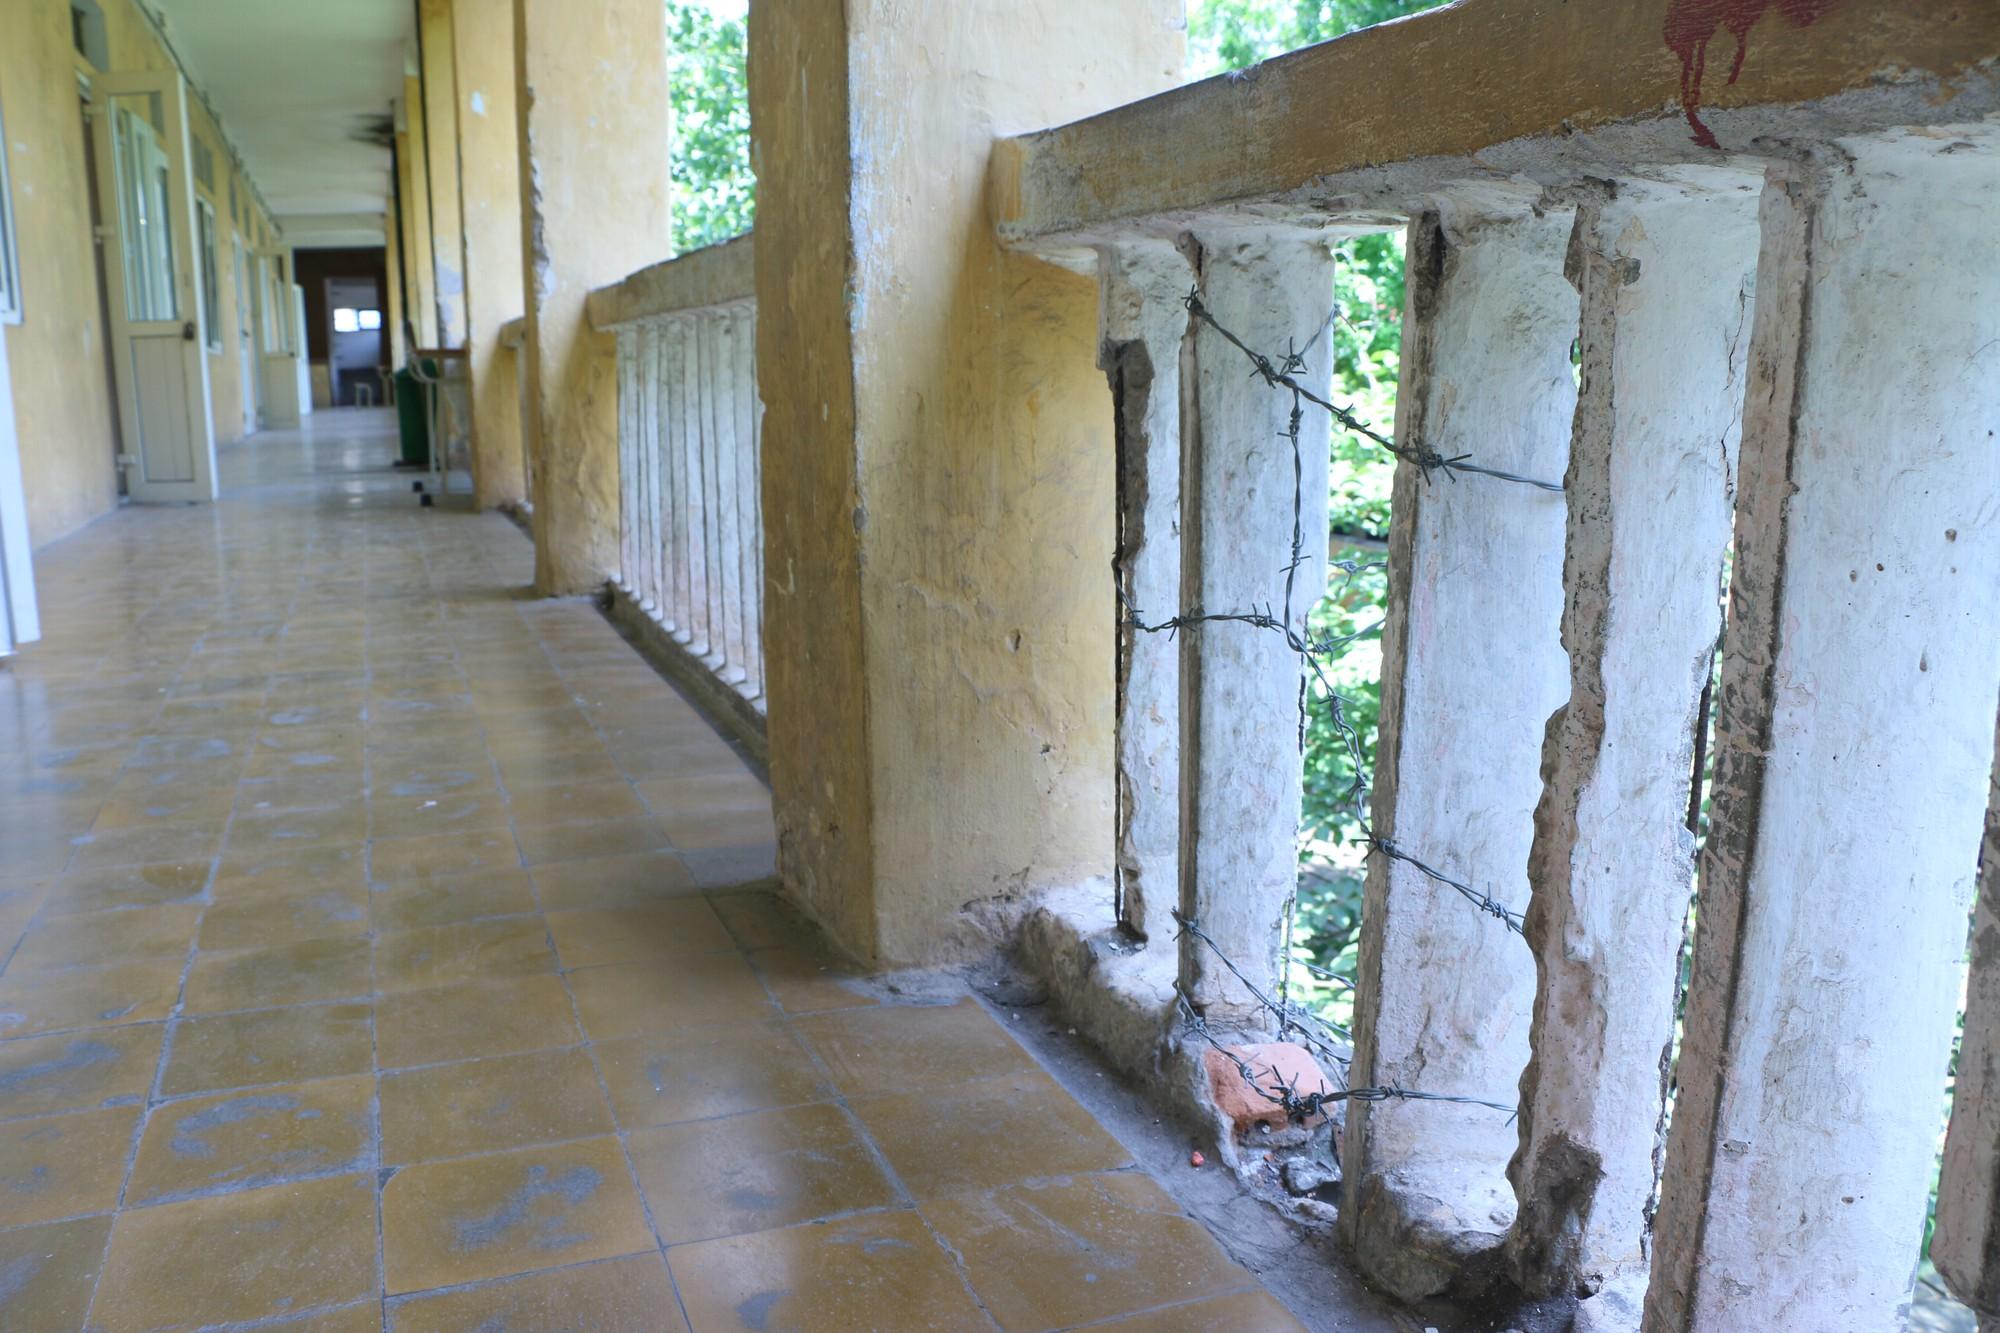 Vữa trần rơi, lan can được rào tạm bằng dây thép gai, ngôi trường cấp 3 giữa Hà Nội có nguy cơ đổ sập  - Ảnh 20.